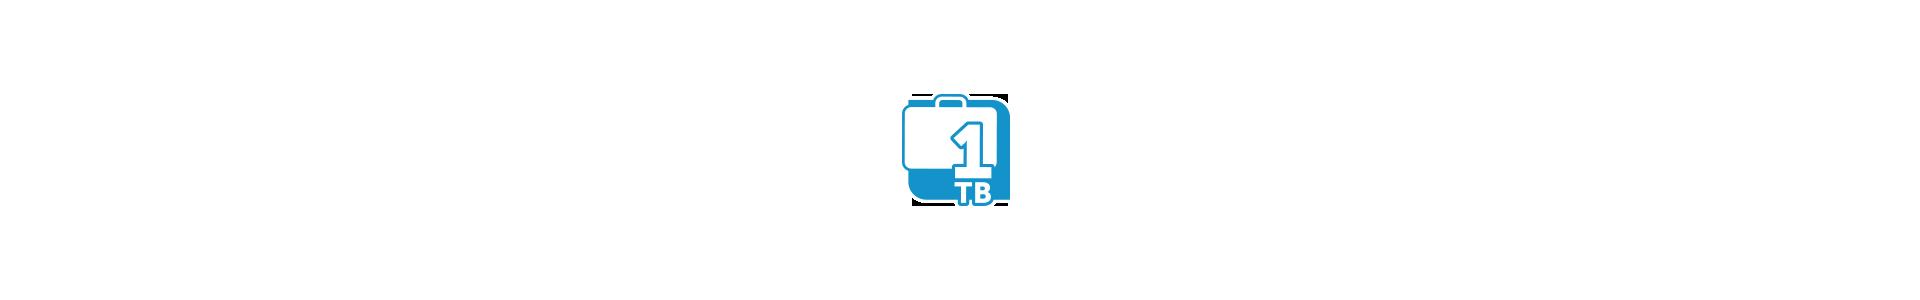 Hdd USB 1TB